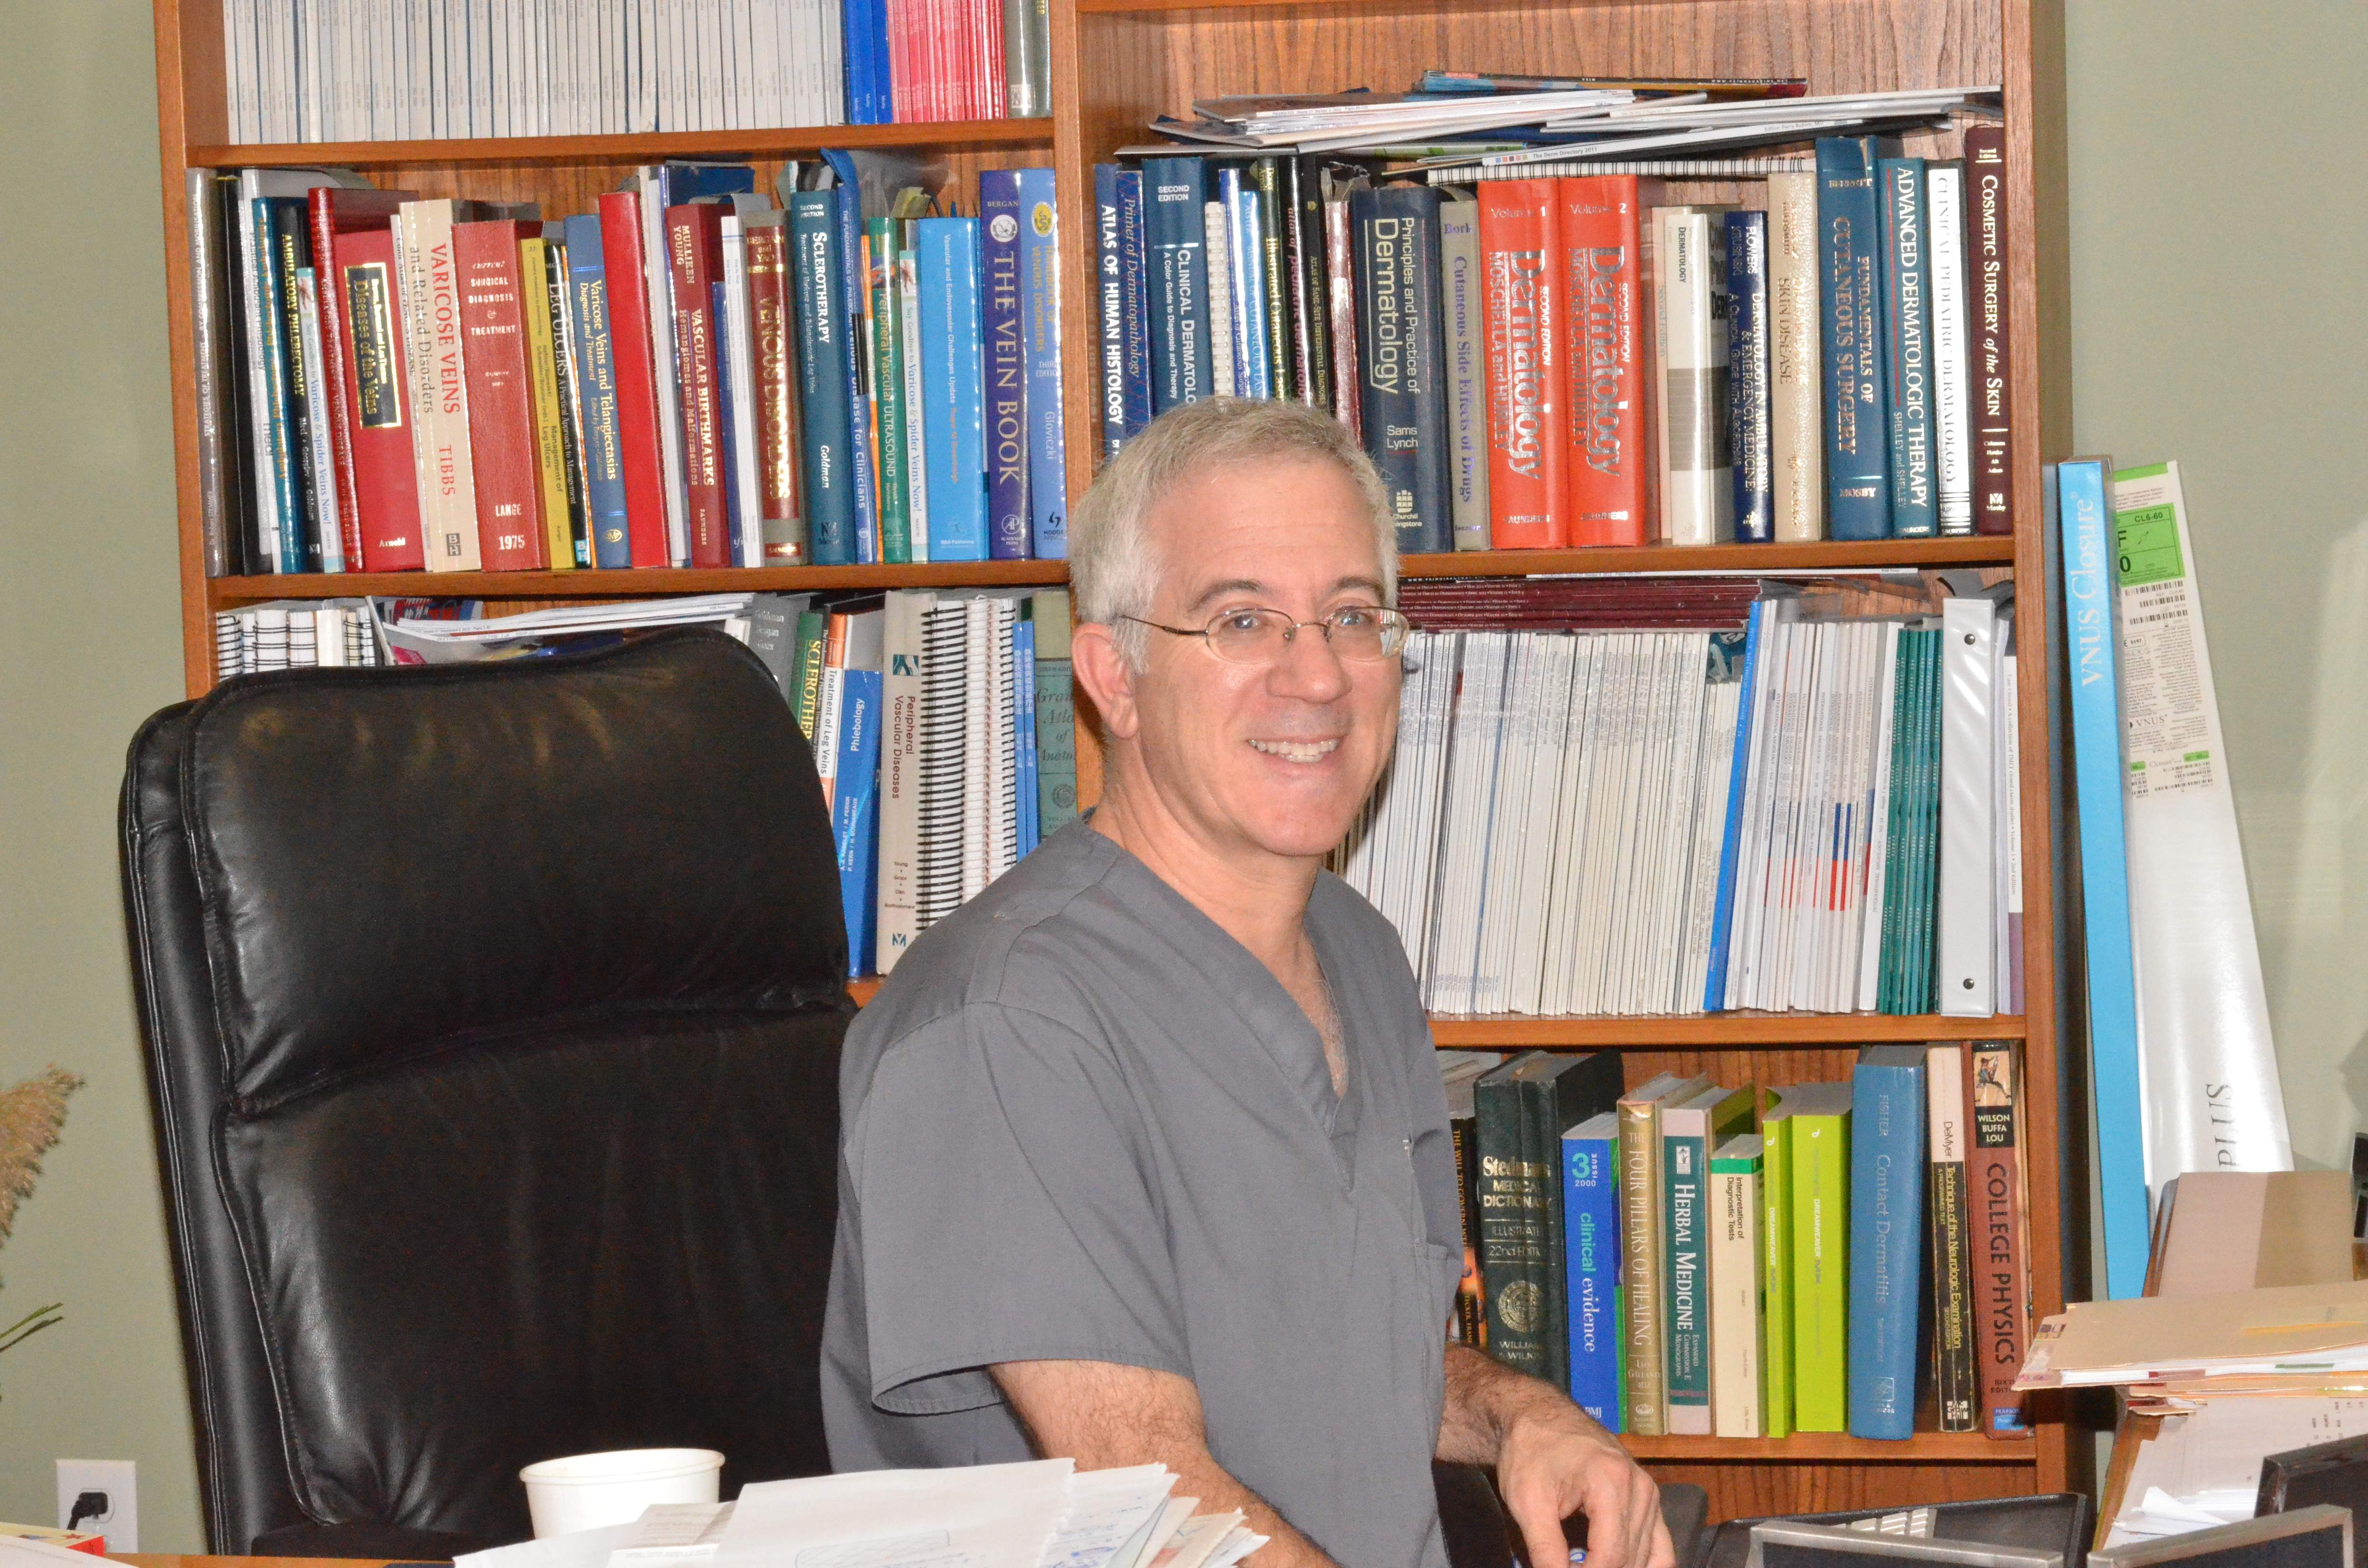 dermatologist Steven E. Zimmet, M.D.